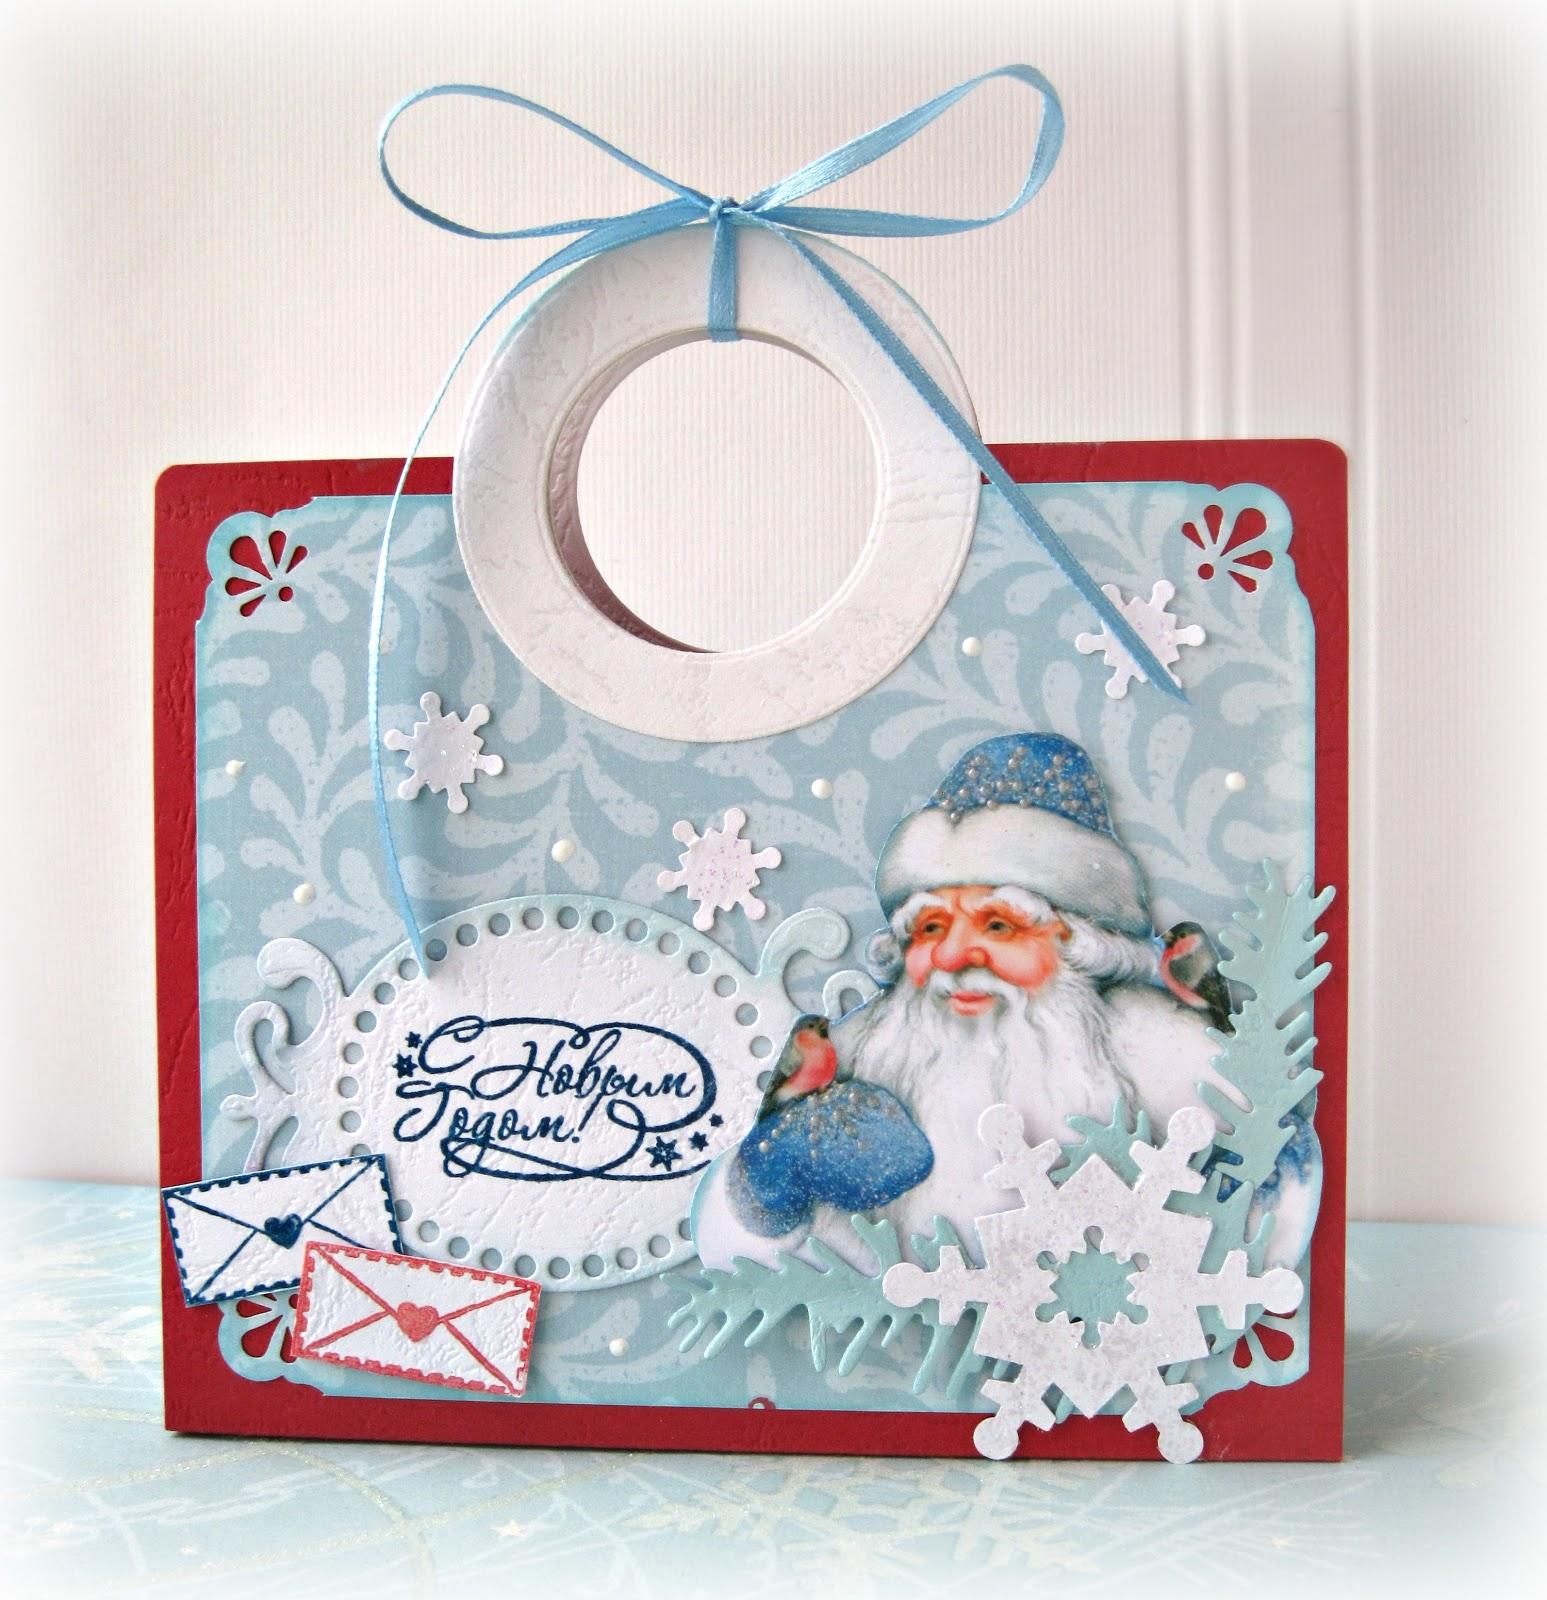 Производство подарочной упаковки и подарочных коробок - Унибокс